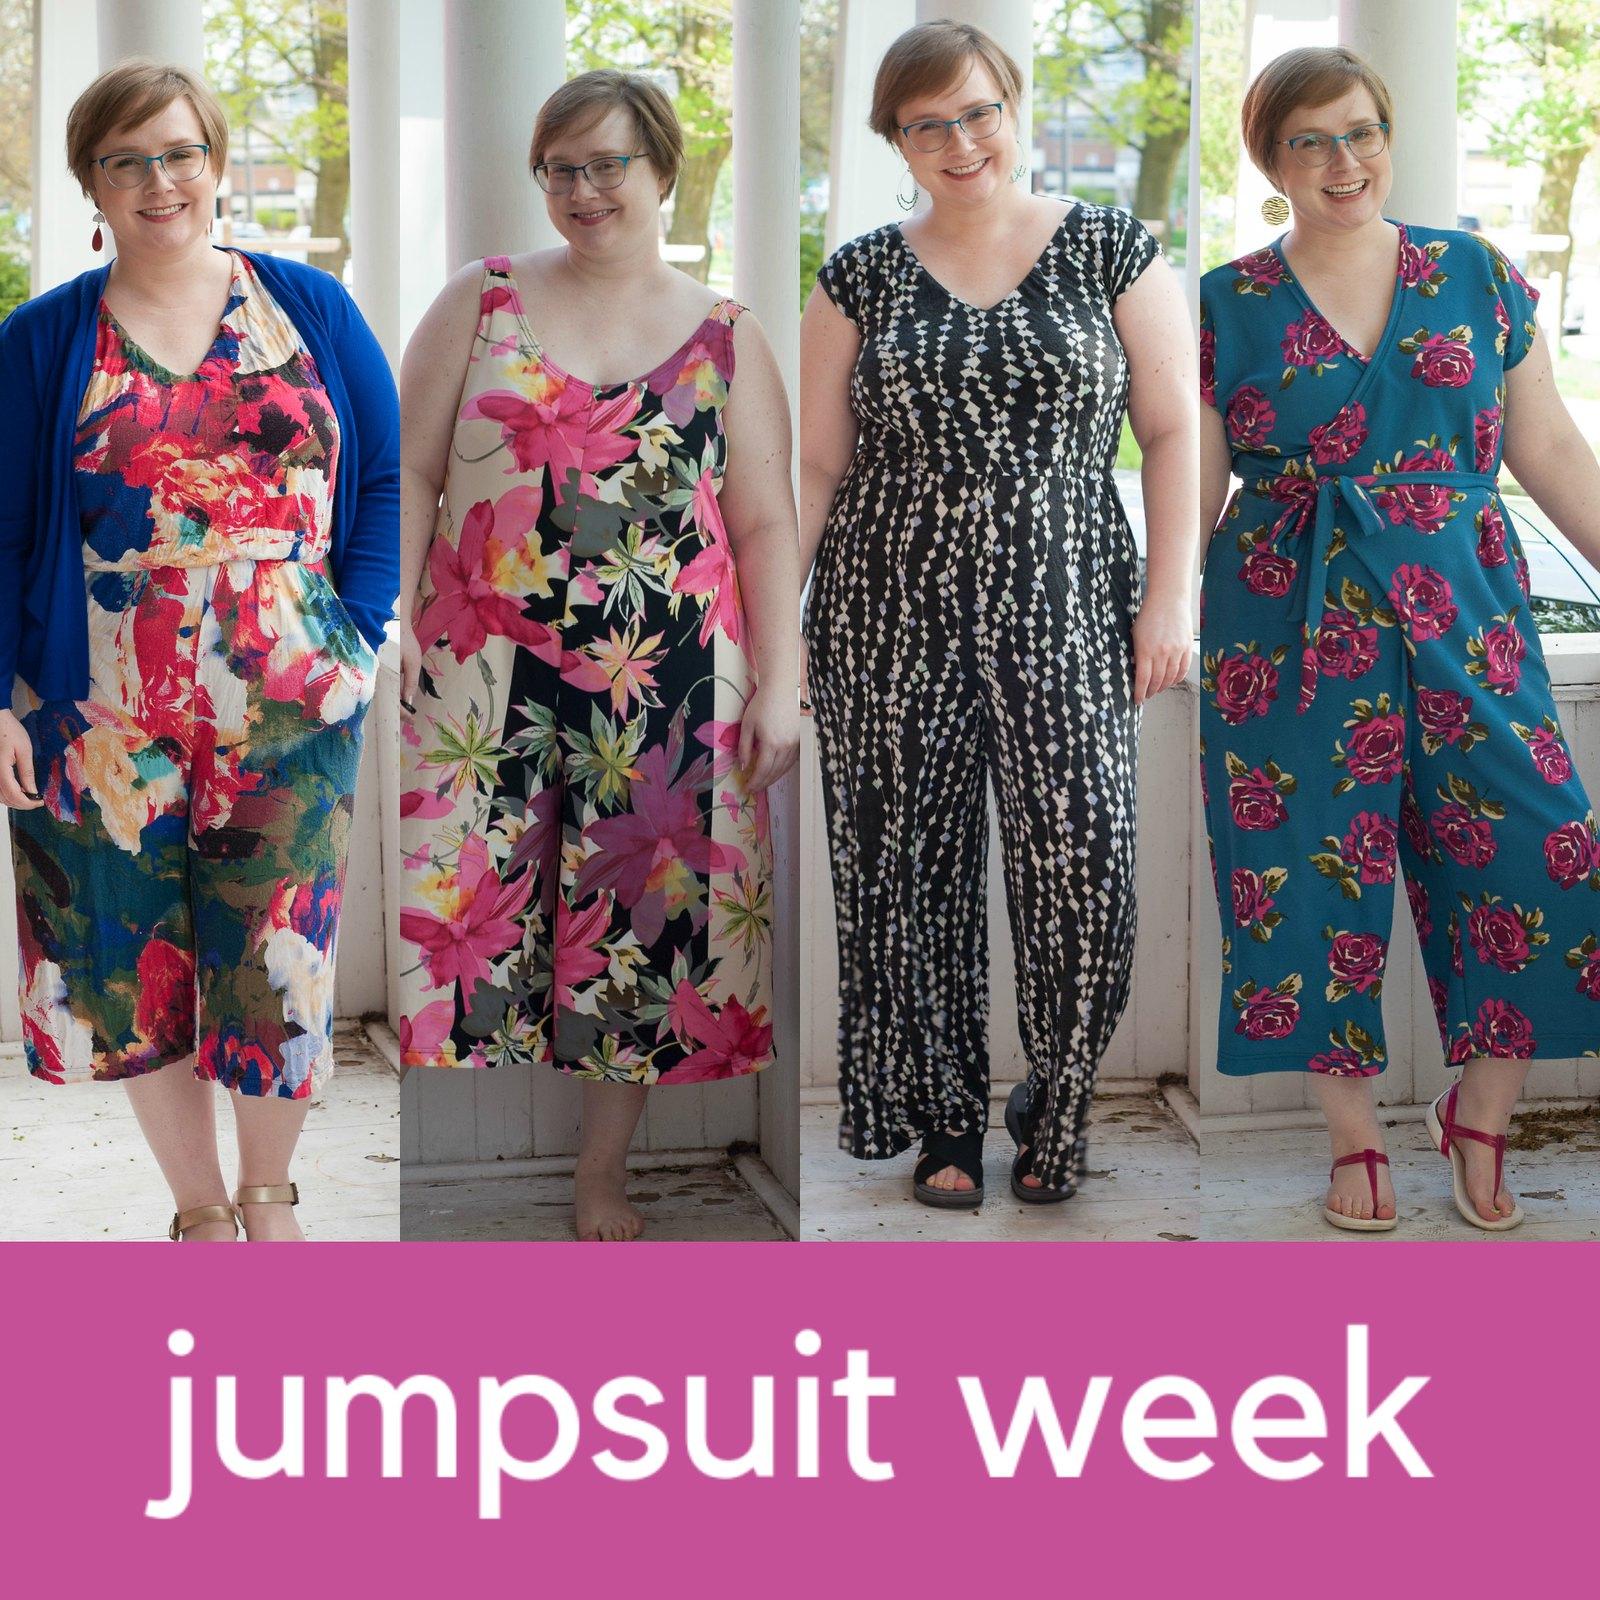 jumpsuit week